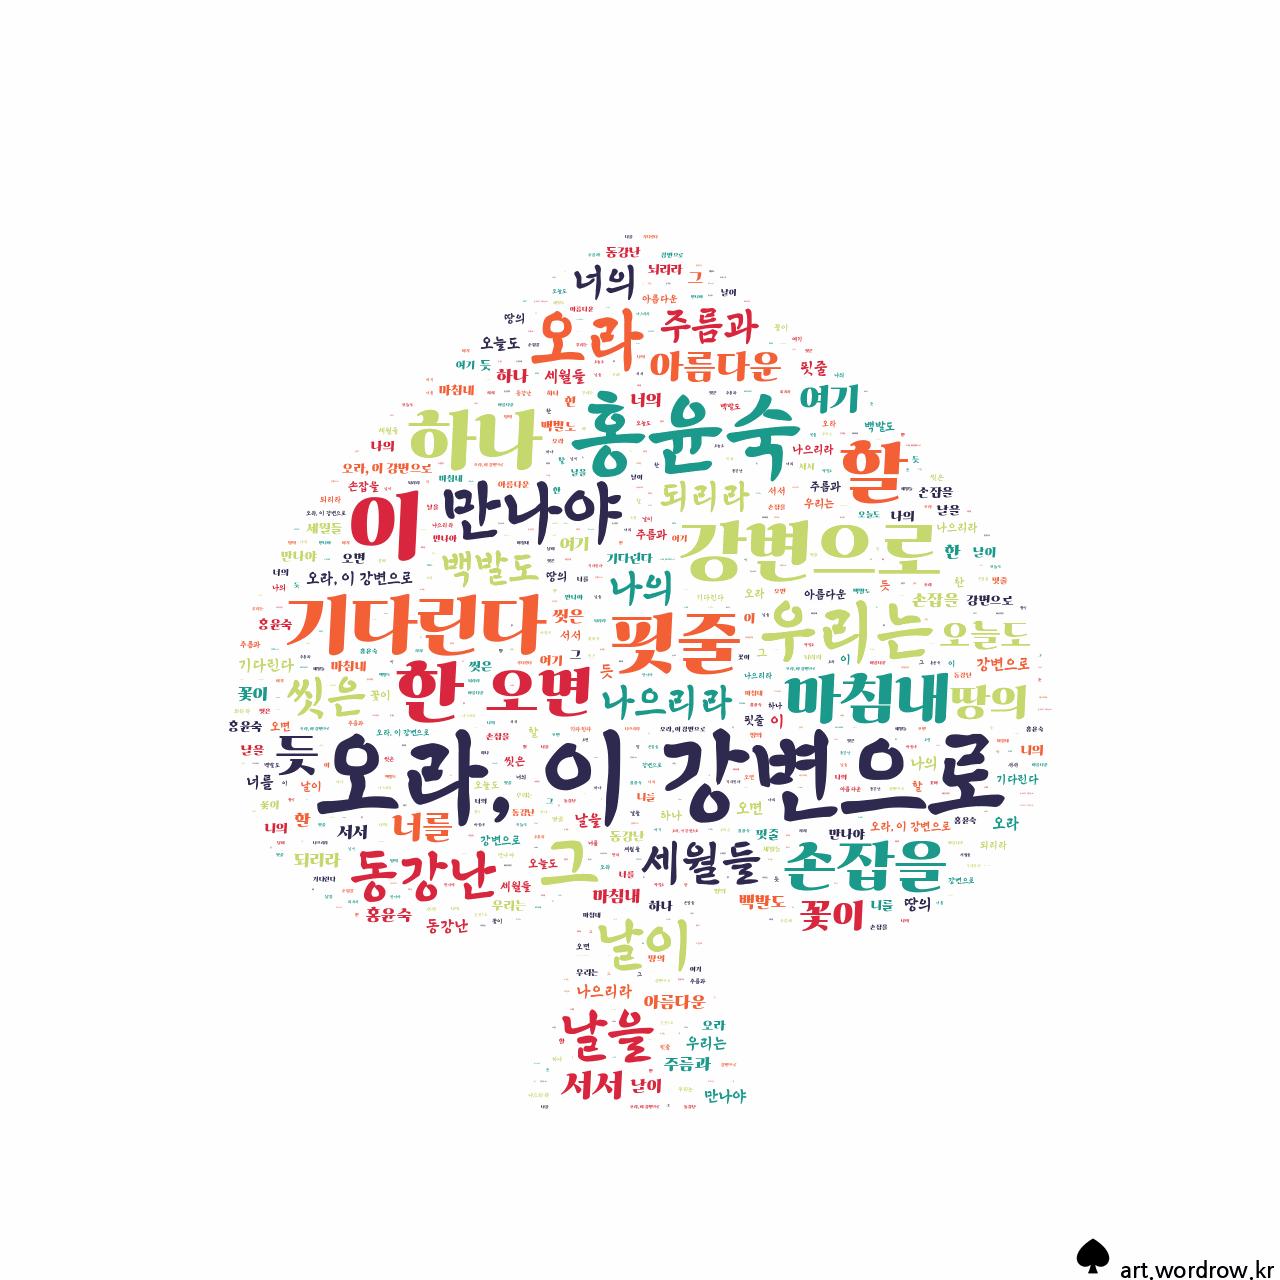 워드 클라우드: 오라, 이 강변으로 [홍윤숙]-4